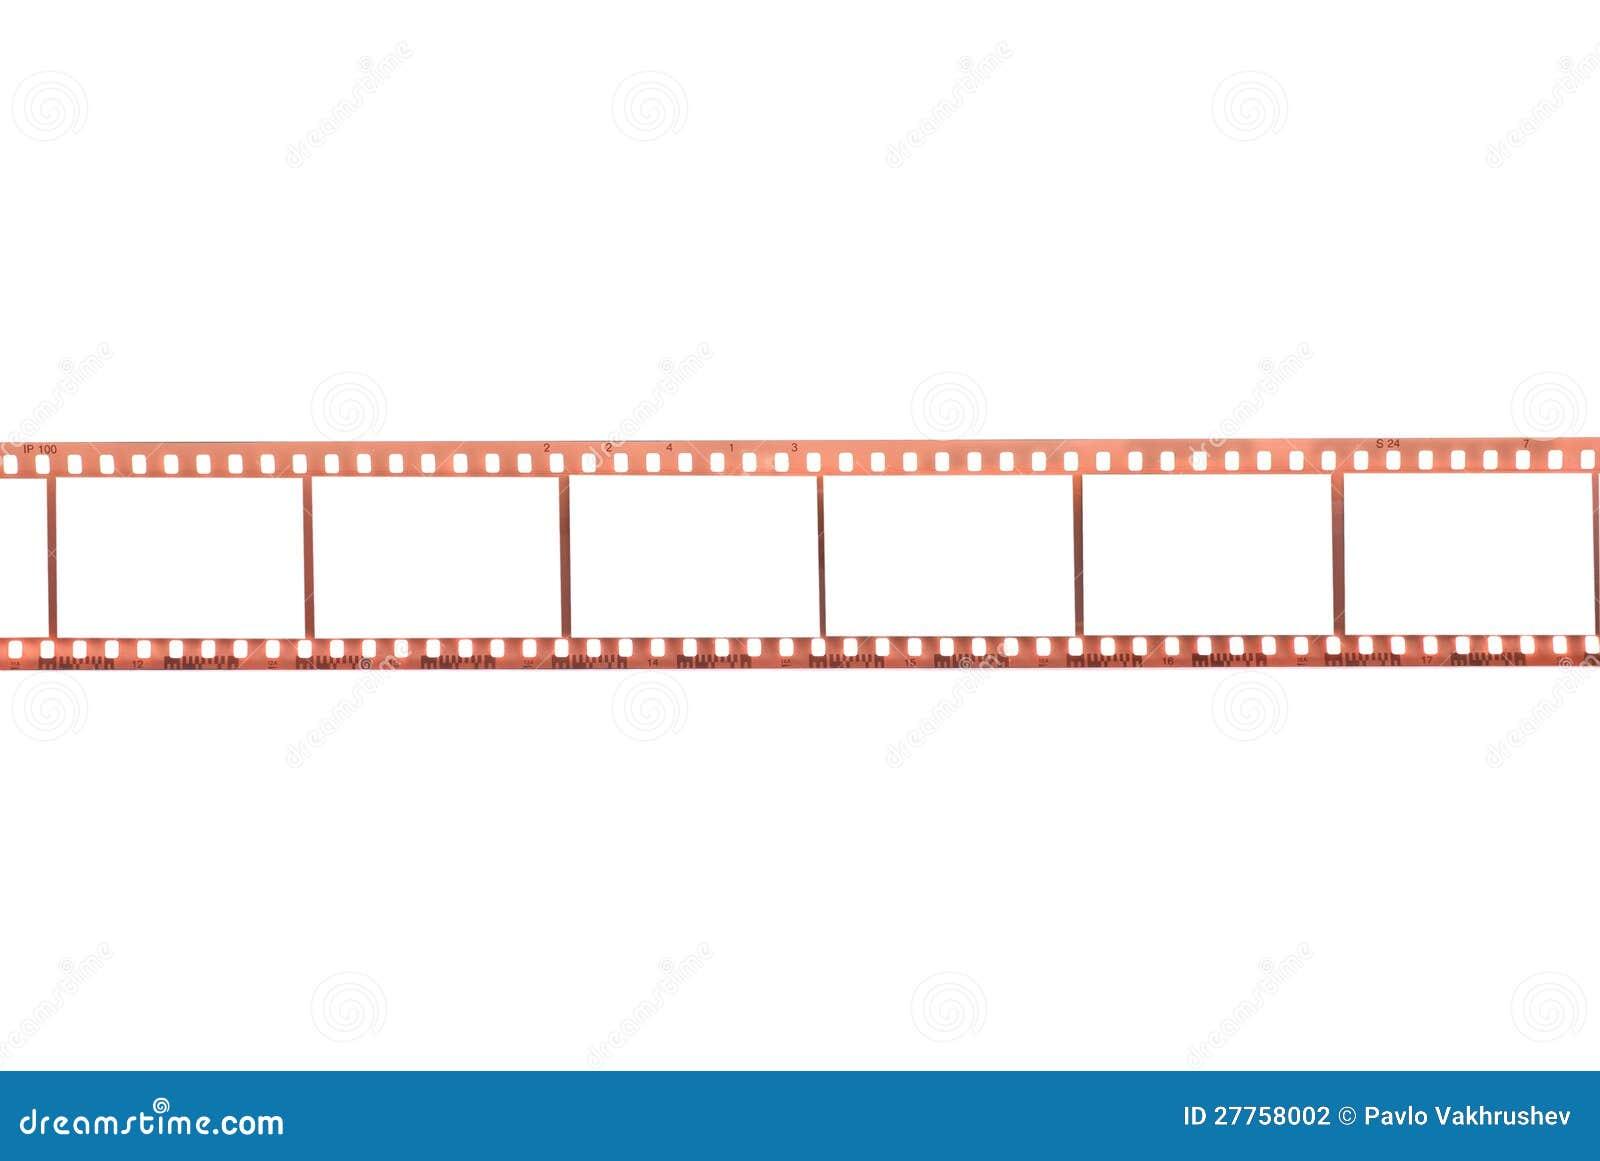 Film photographique avec les trames vides